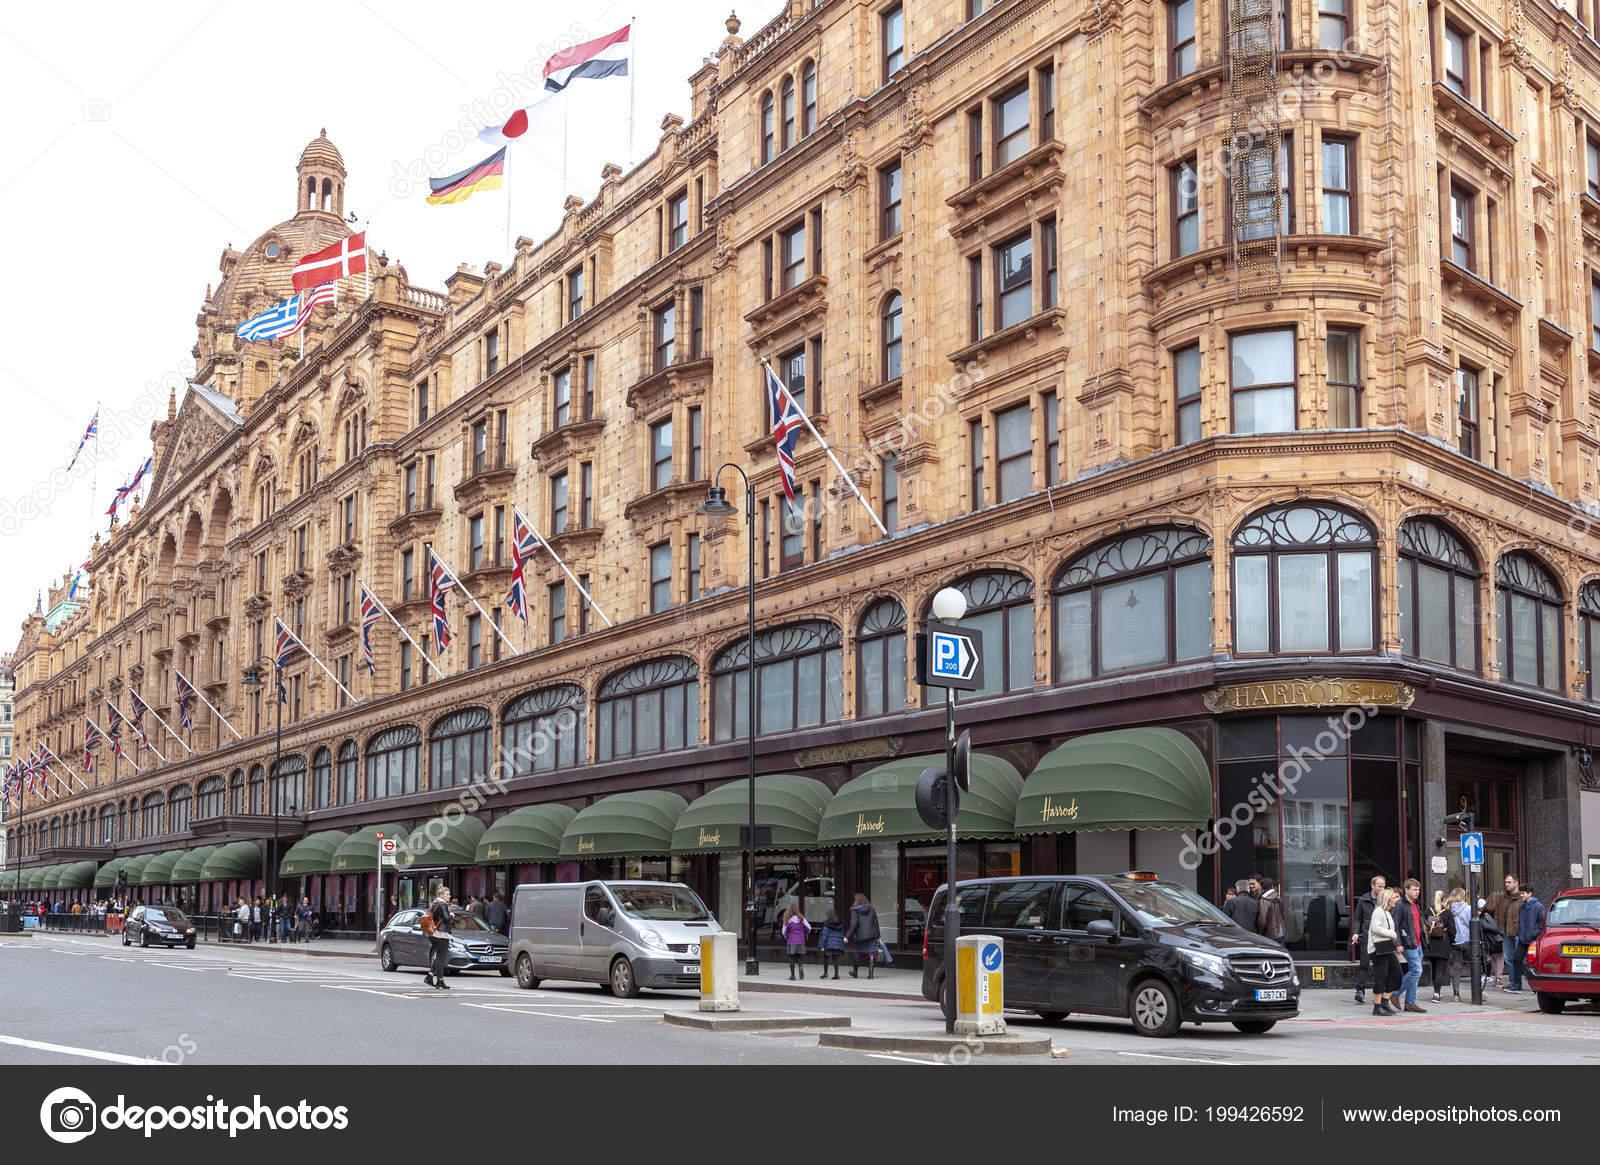 9f9ce6deb Londres Reino Unido Abril 2018 Edifício Exterior Harrods Loja ...